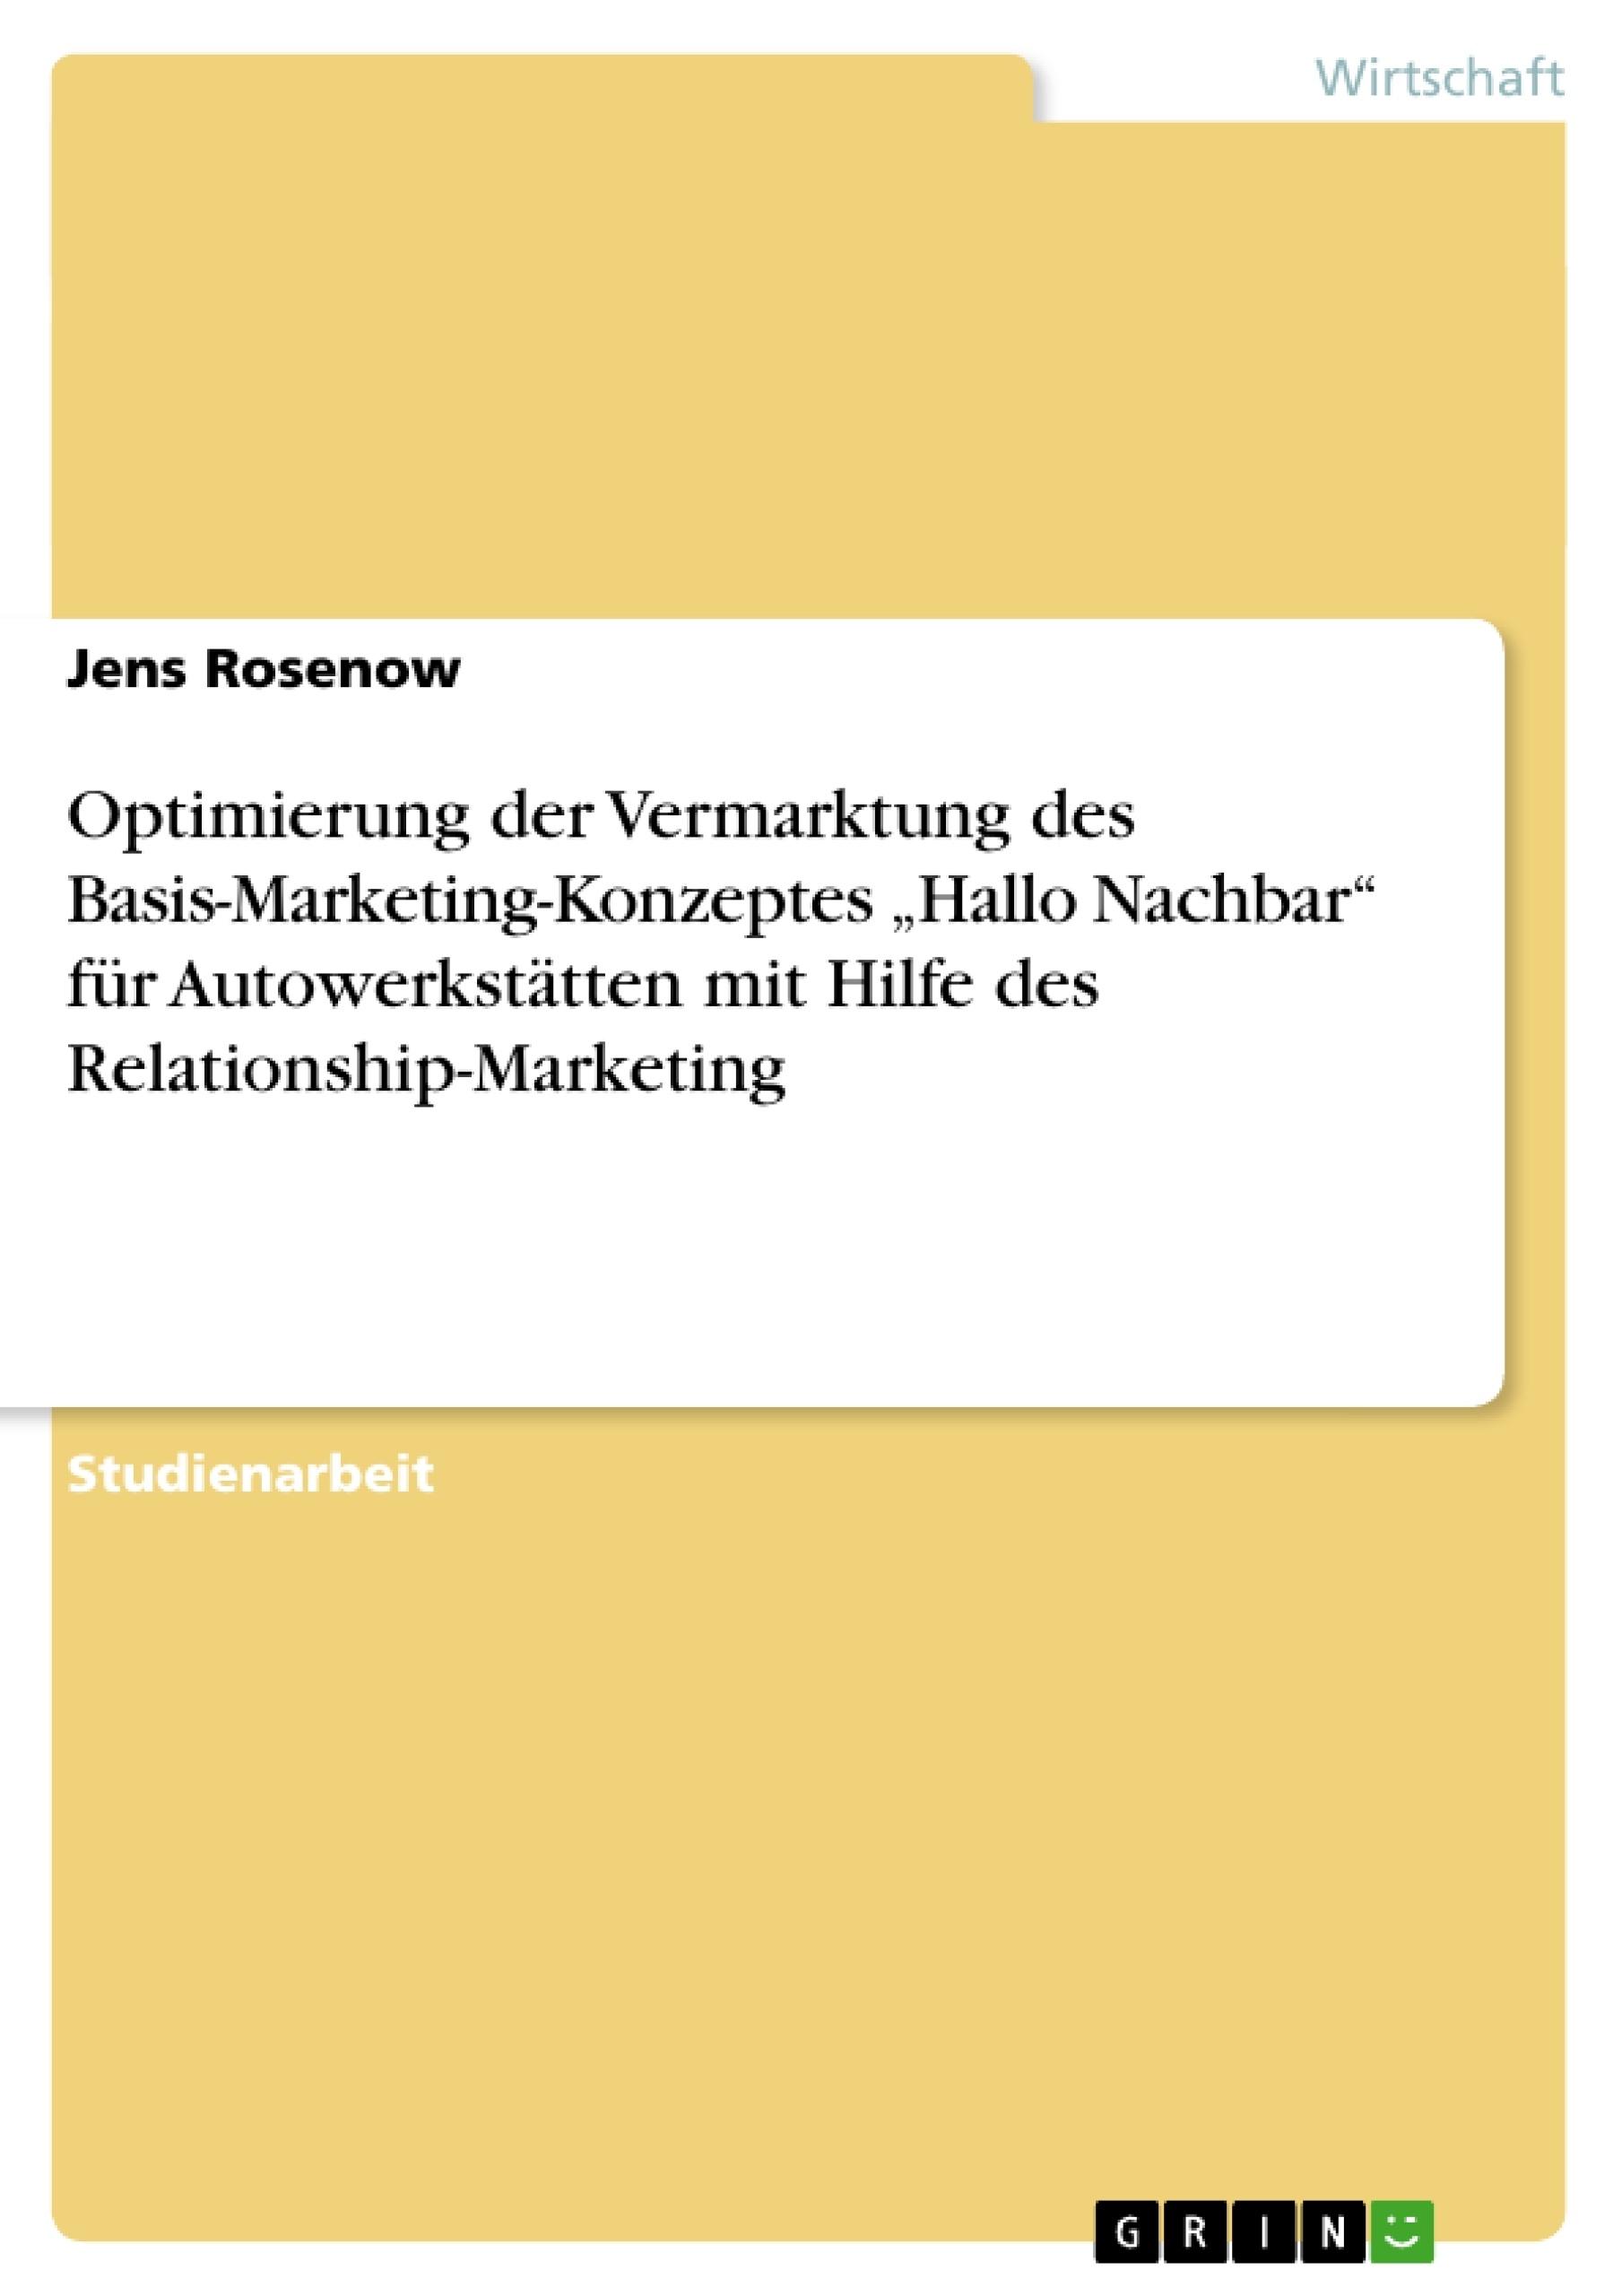 """Titel: Optimierung der Vermarktung des Basis-Marketing-Konzeptes """"Hallo Nachbar"""" für Autowerkstätten mit Hilfe des Relationship-Marketing"""